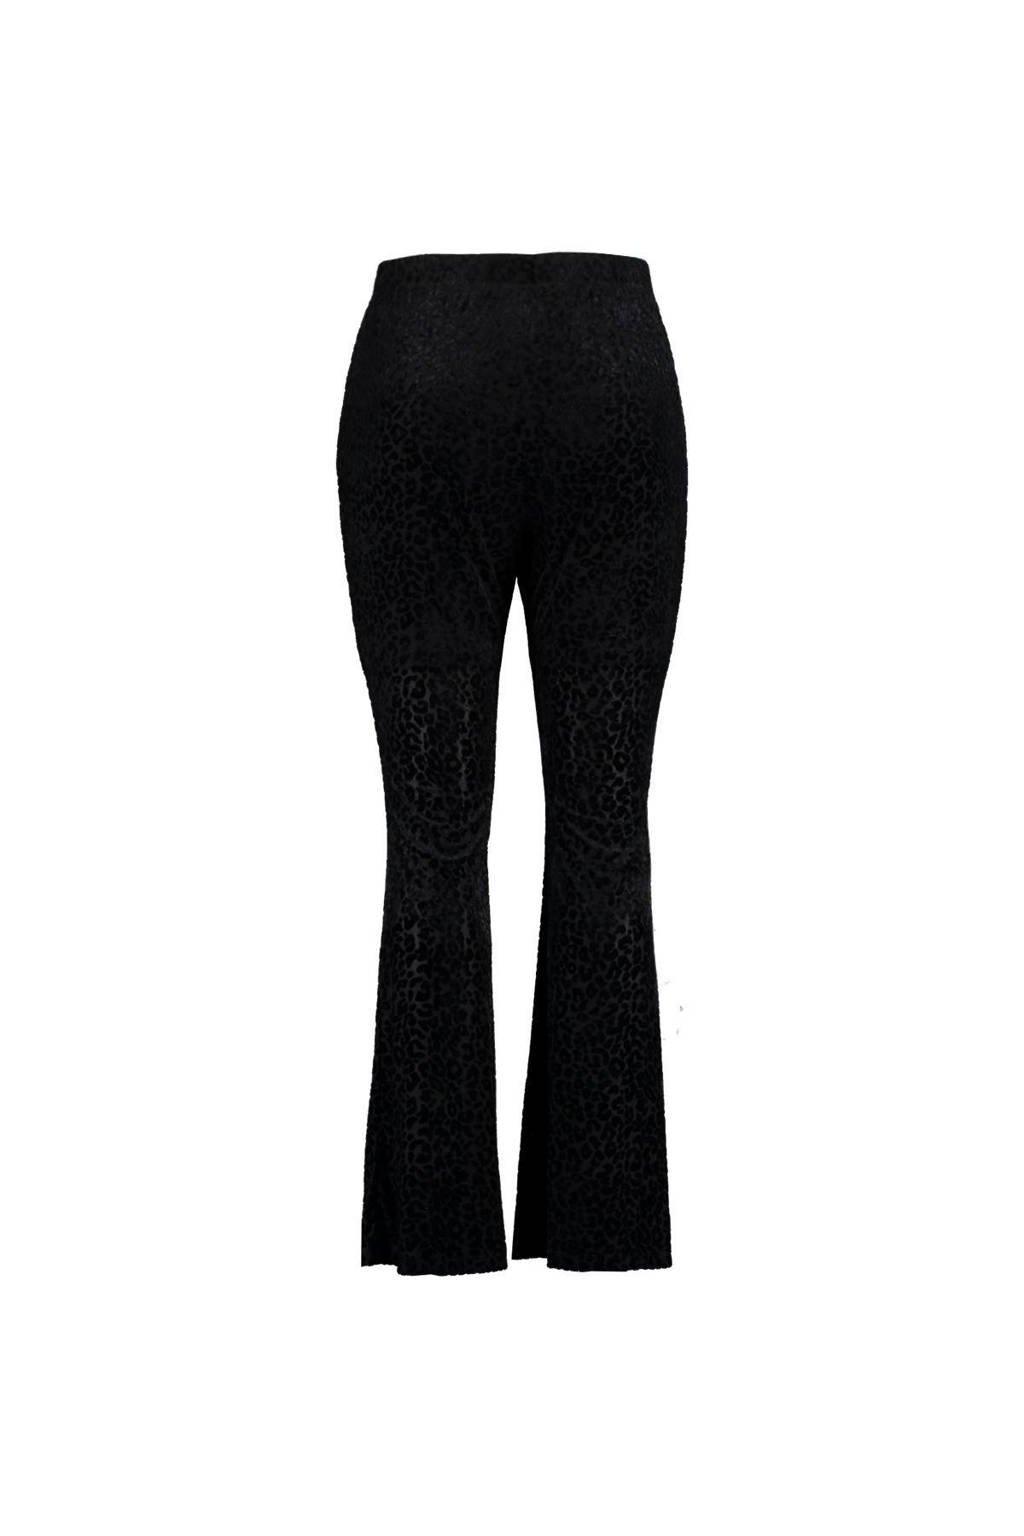 MS Mode high waist flared broek met panterprint zwart, Zwart